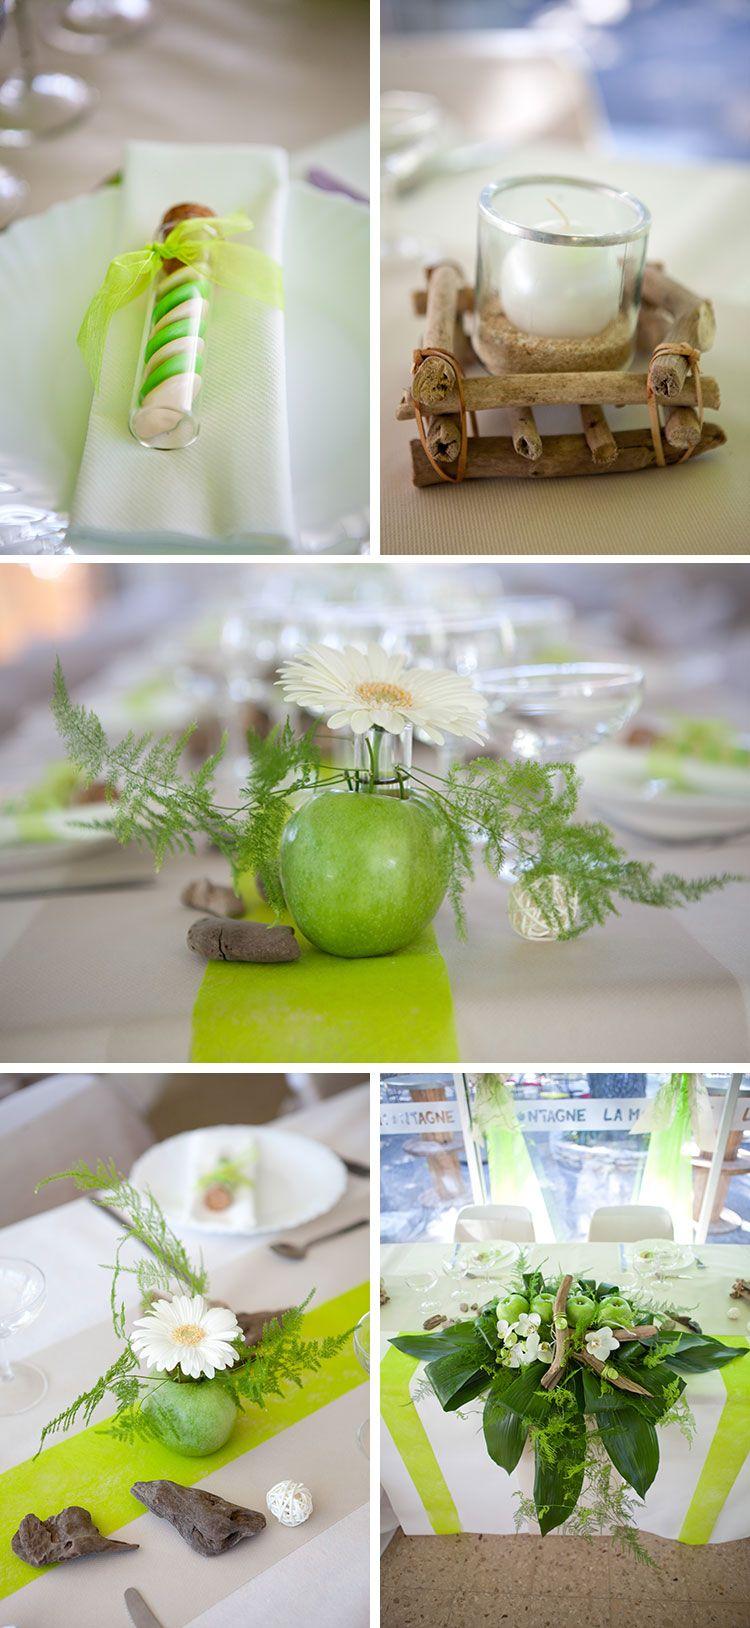 D coration de table de mariage sur le th me nature une d coration blanche e - Deco de table naturel ...